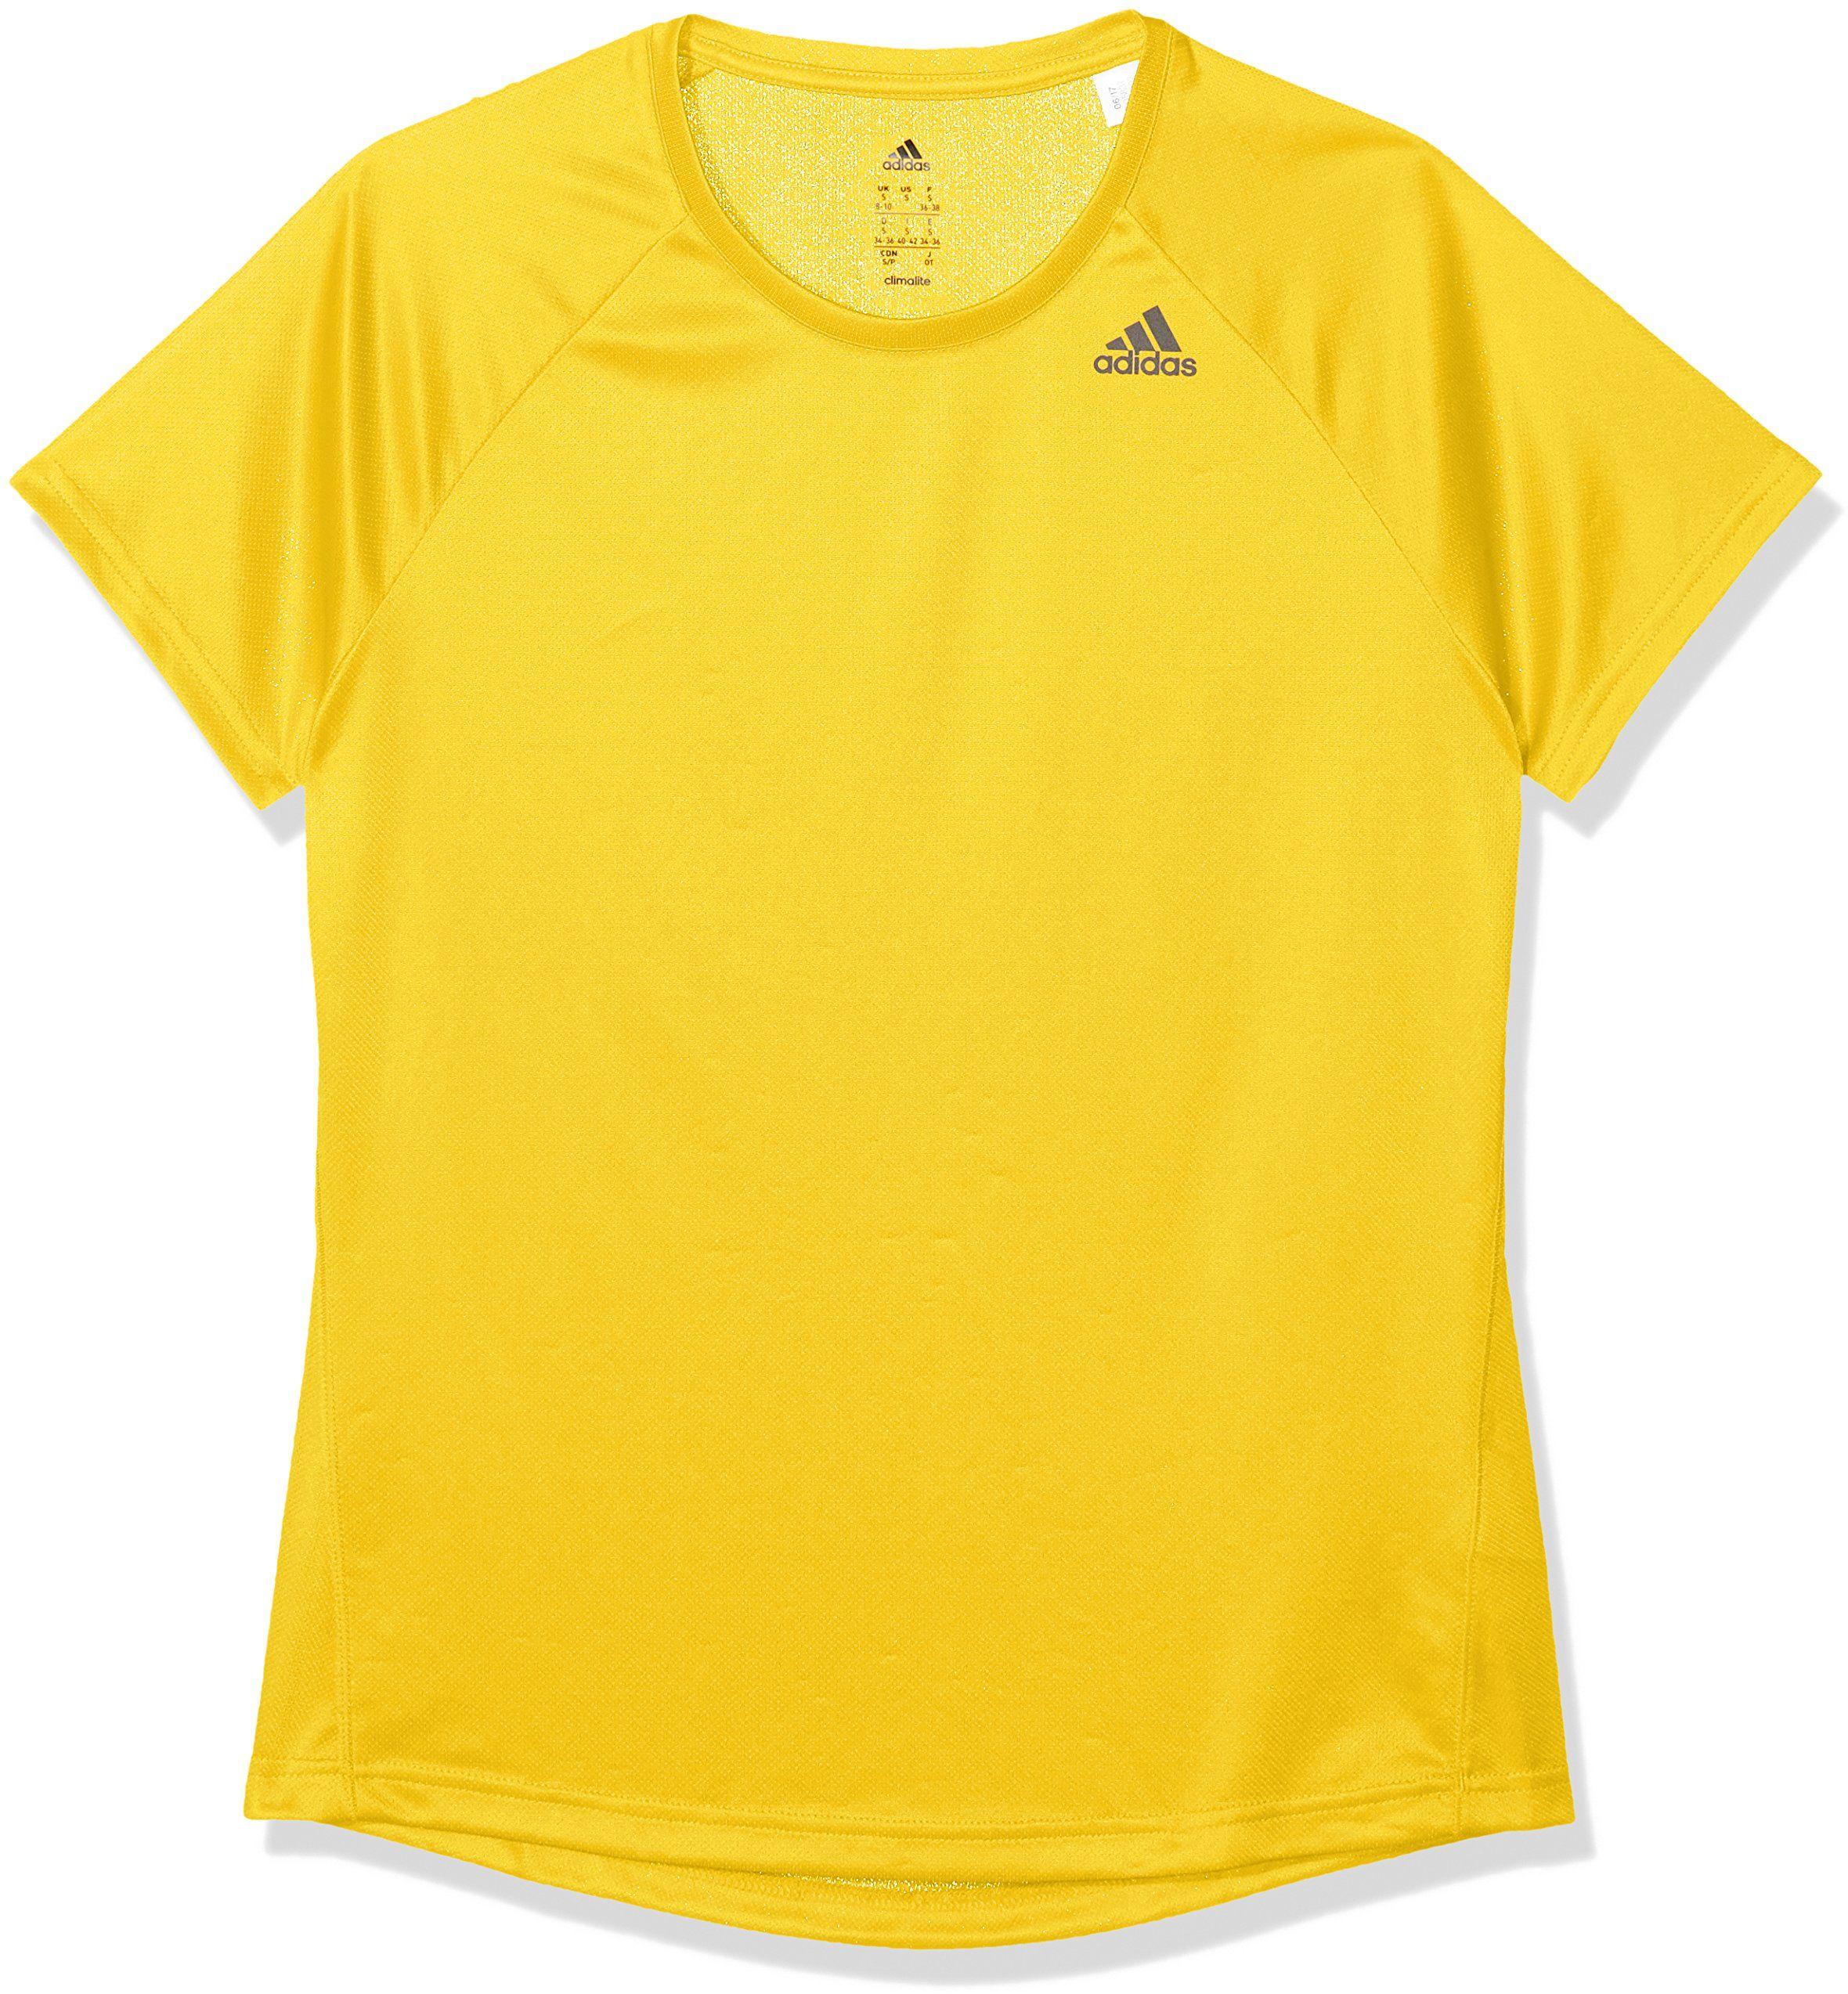 adidas Damska koszulka D2M, Eqtyel, L